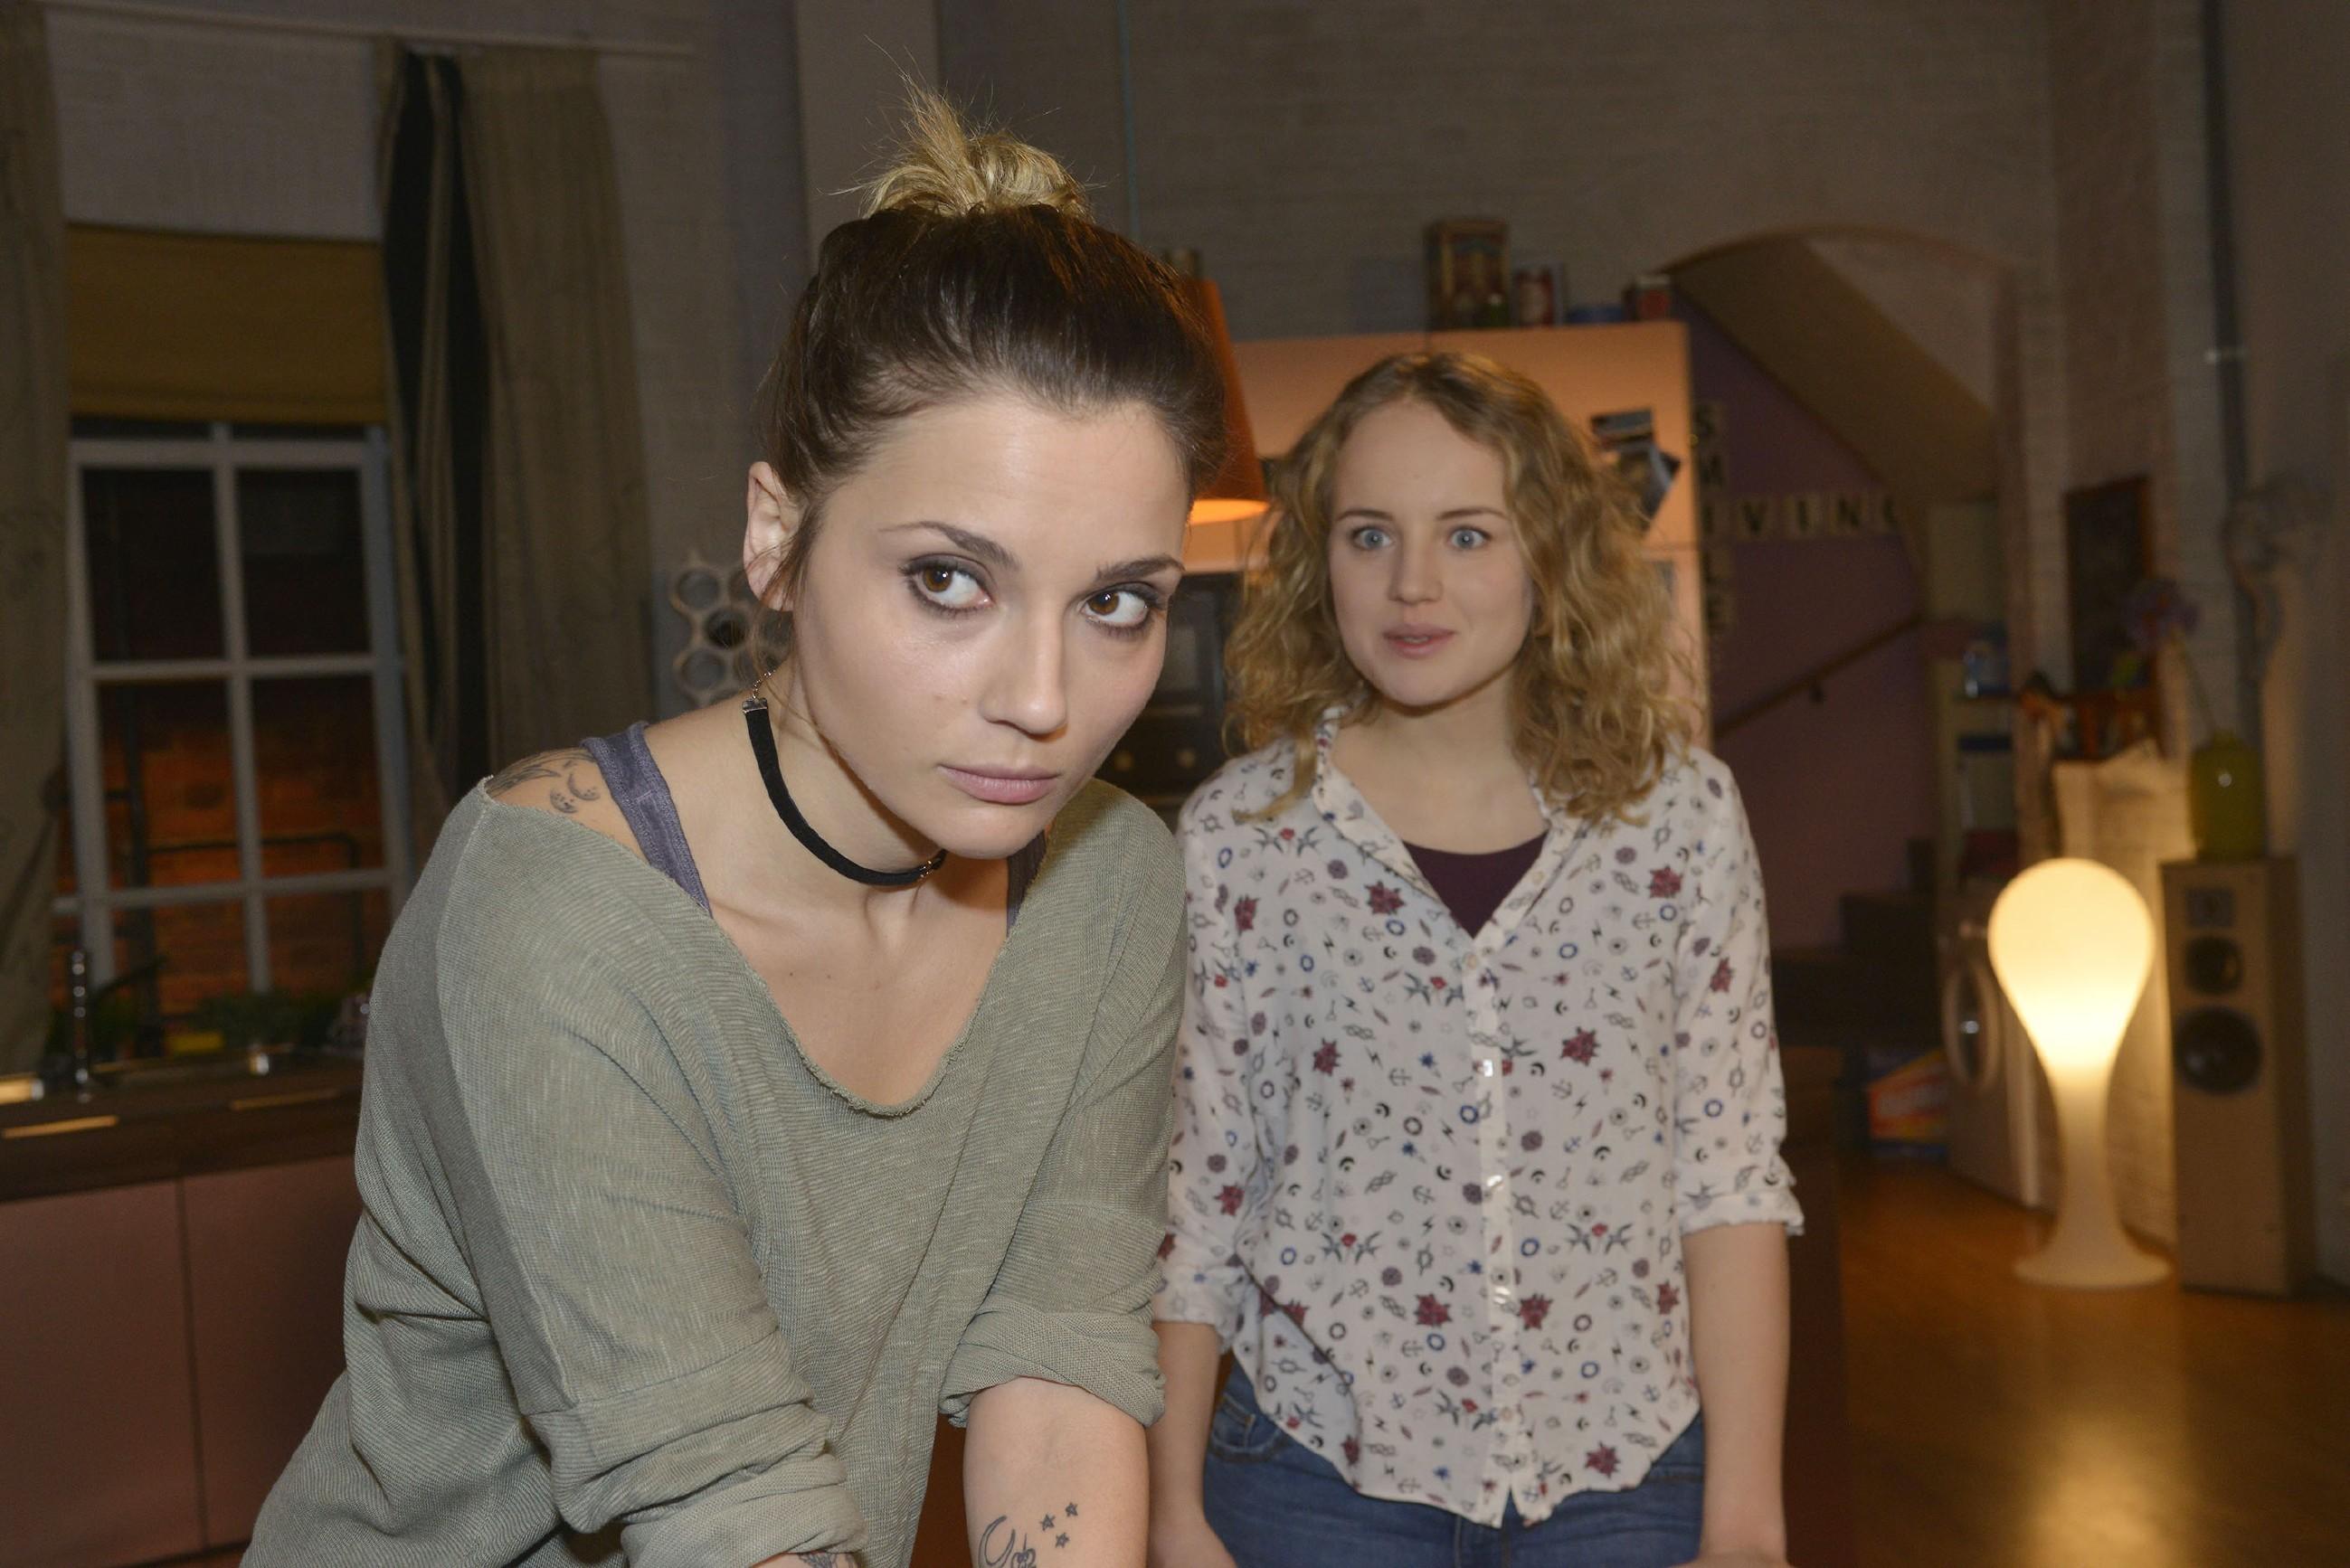 Anni (Linda Marlen Runge, l.) möchte nicht, dass Jule (Luise von Finckh) sie in den Urlaub begleitet.